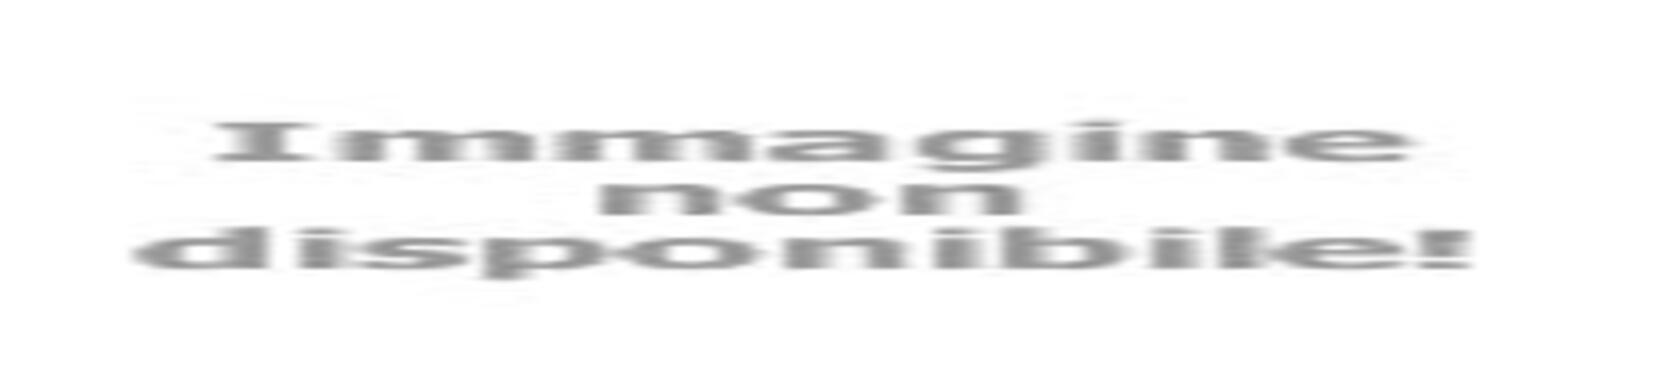 basketriminicrabs it 8-2843-short-news-sospensione-di-tutte-le-attivita 003